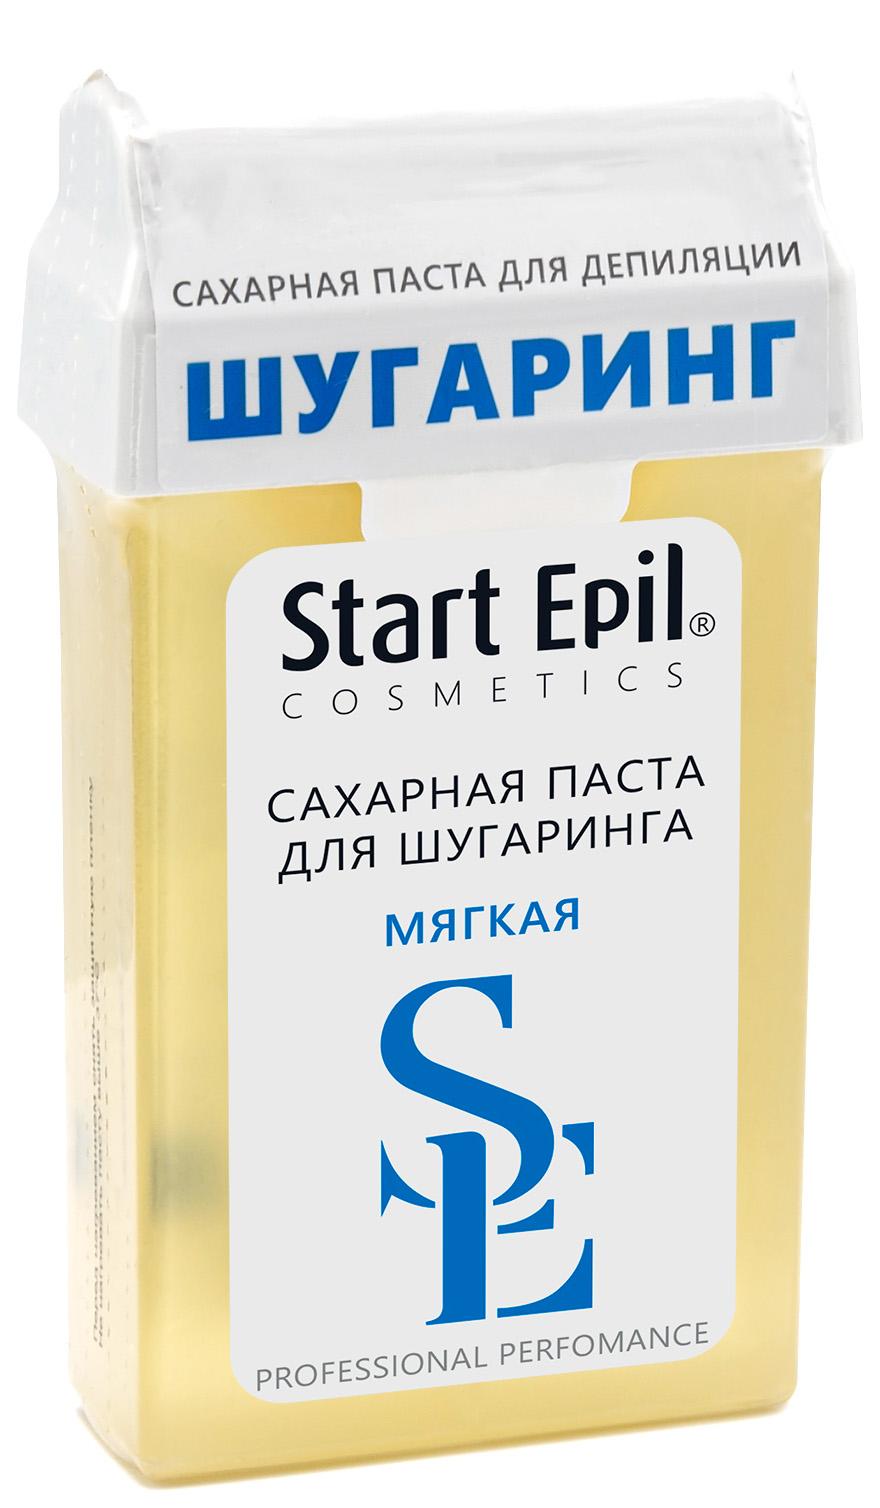 Купить Aravia Professional Start Epil Паста для шугаринга в картридже Мягкая , 100 гр (Aravia Professional, Spa Депиляция), Россия